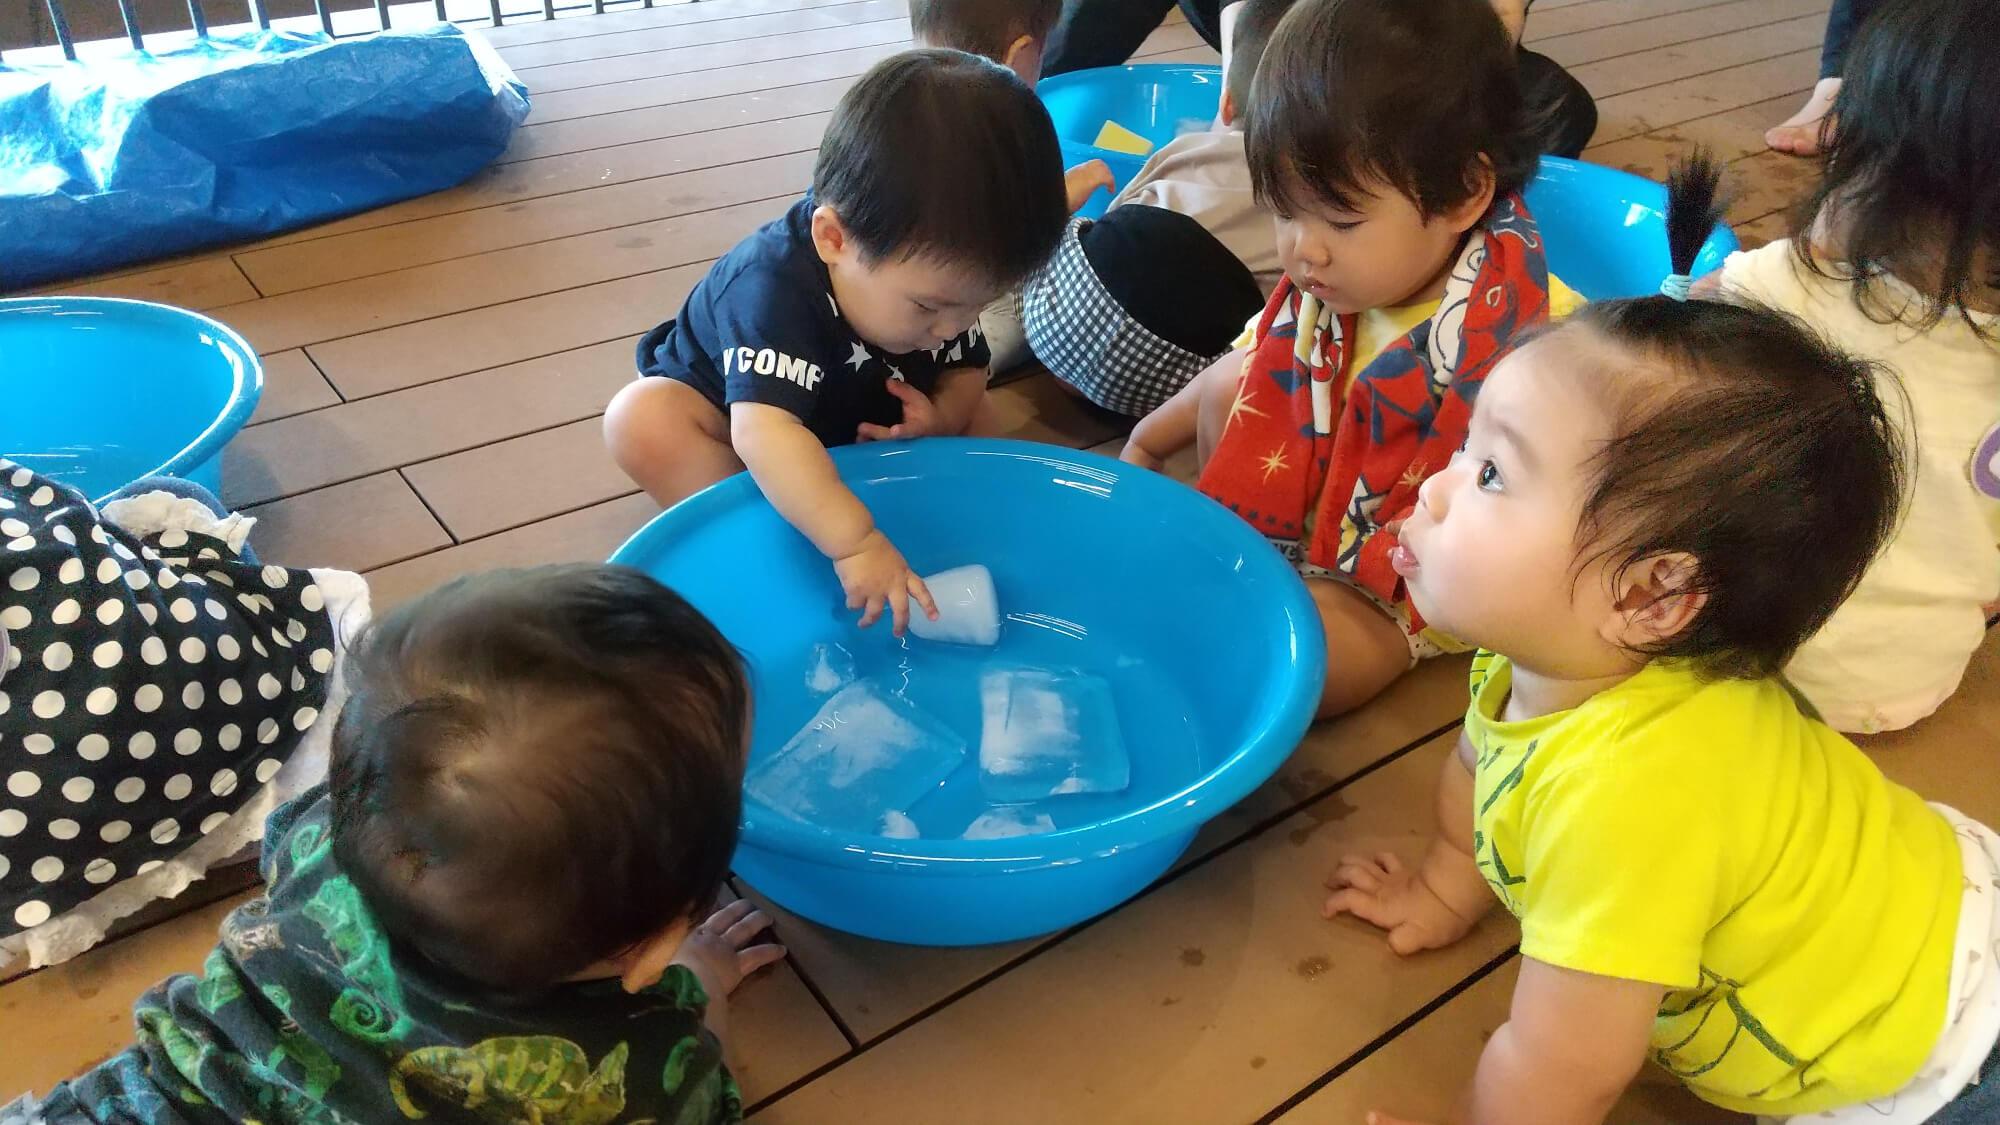 洗面器の中の氷に興味津々の子どもたち